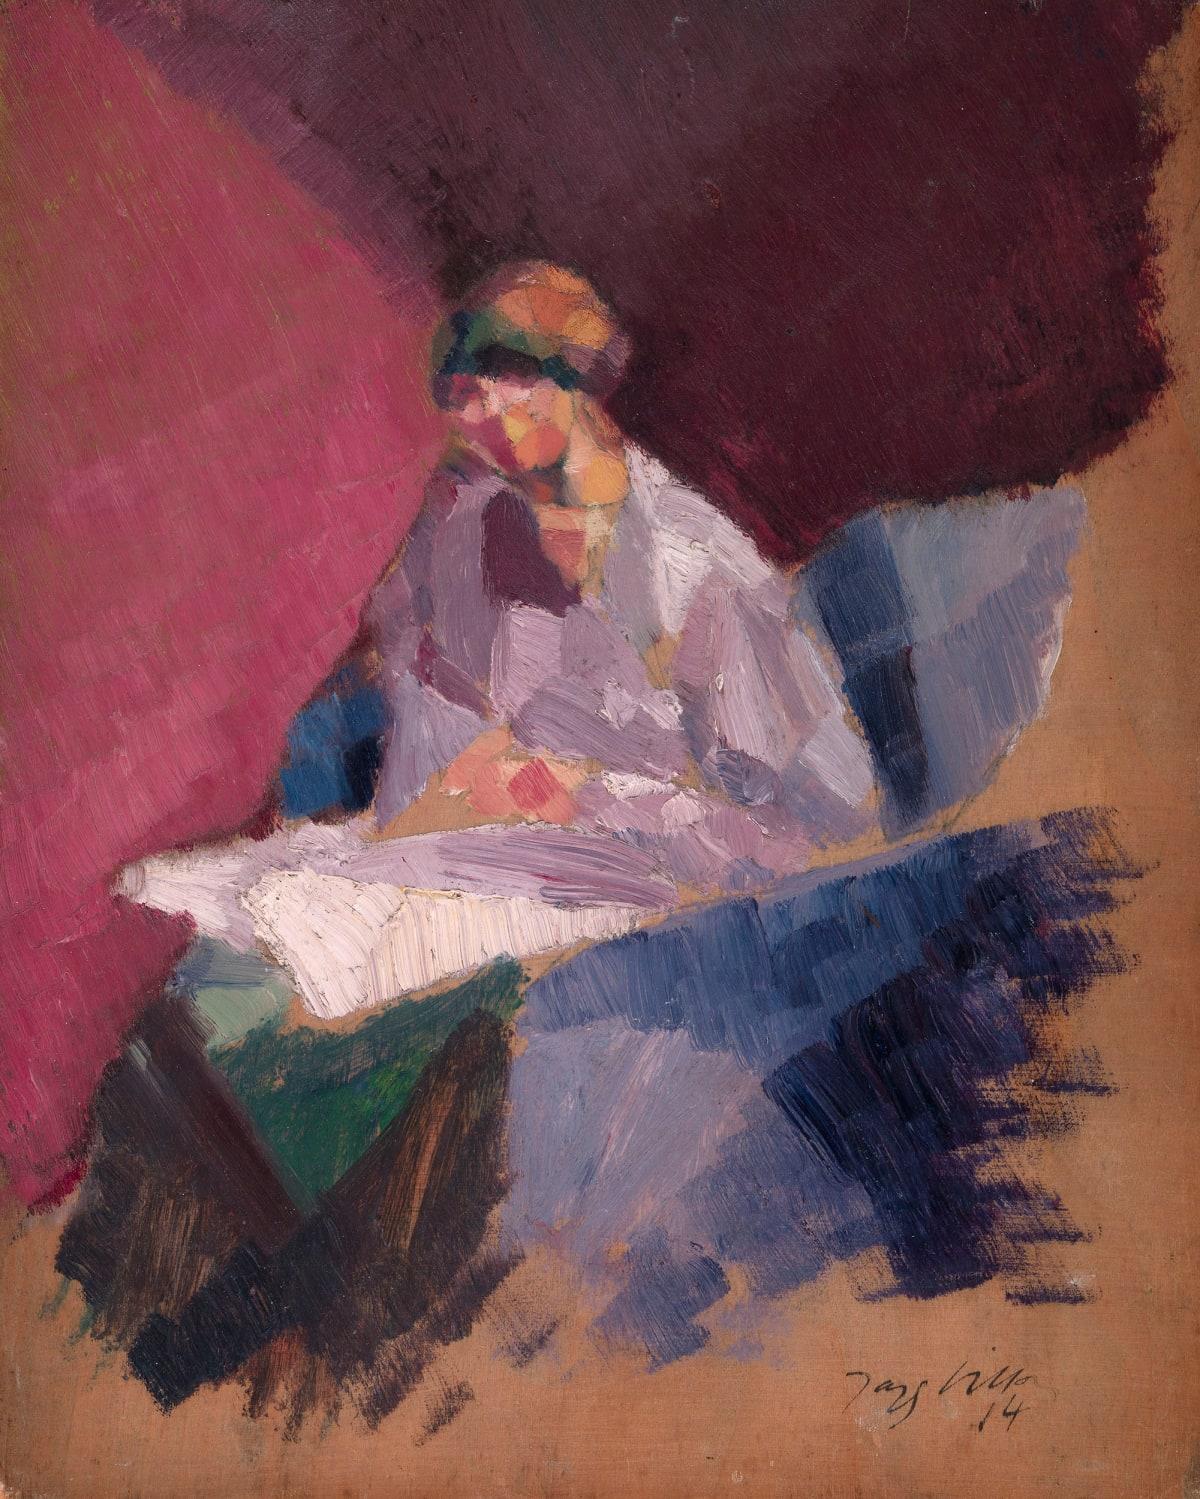 Jacques Villon, La femme blessée (Yvonne Duchamp), 1914